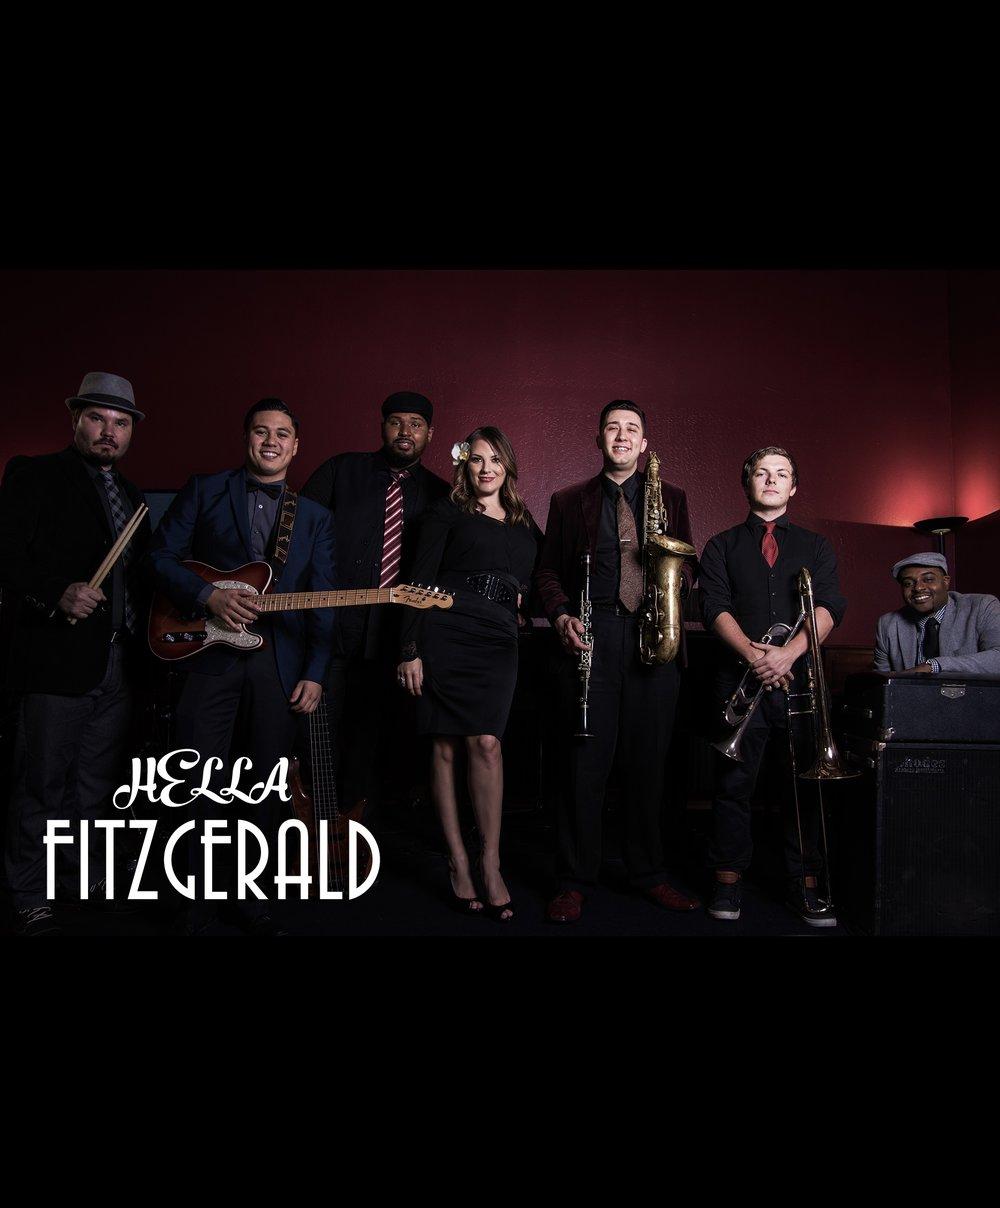 Hella Fitzgerald